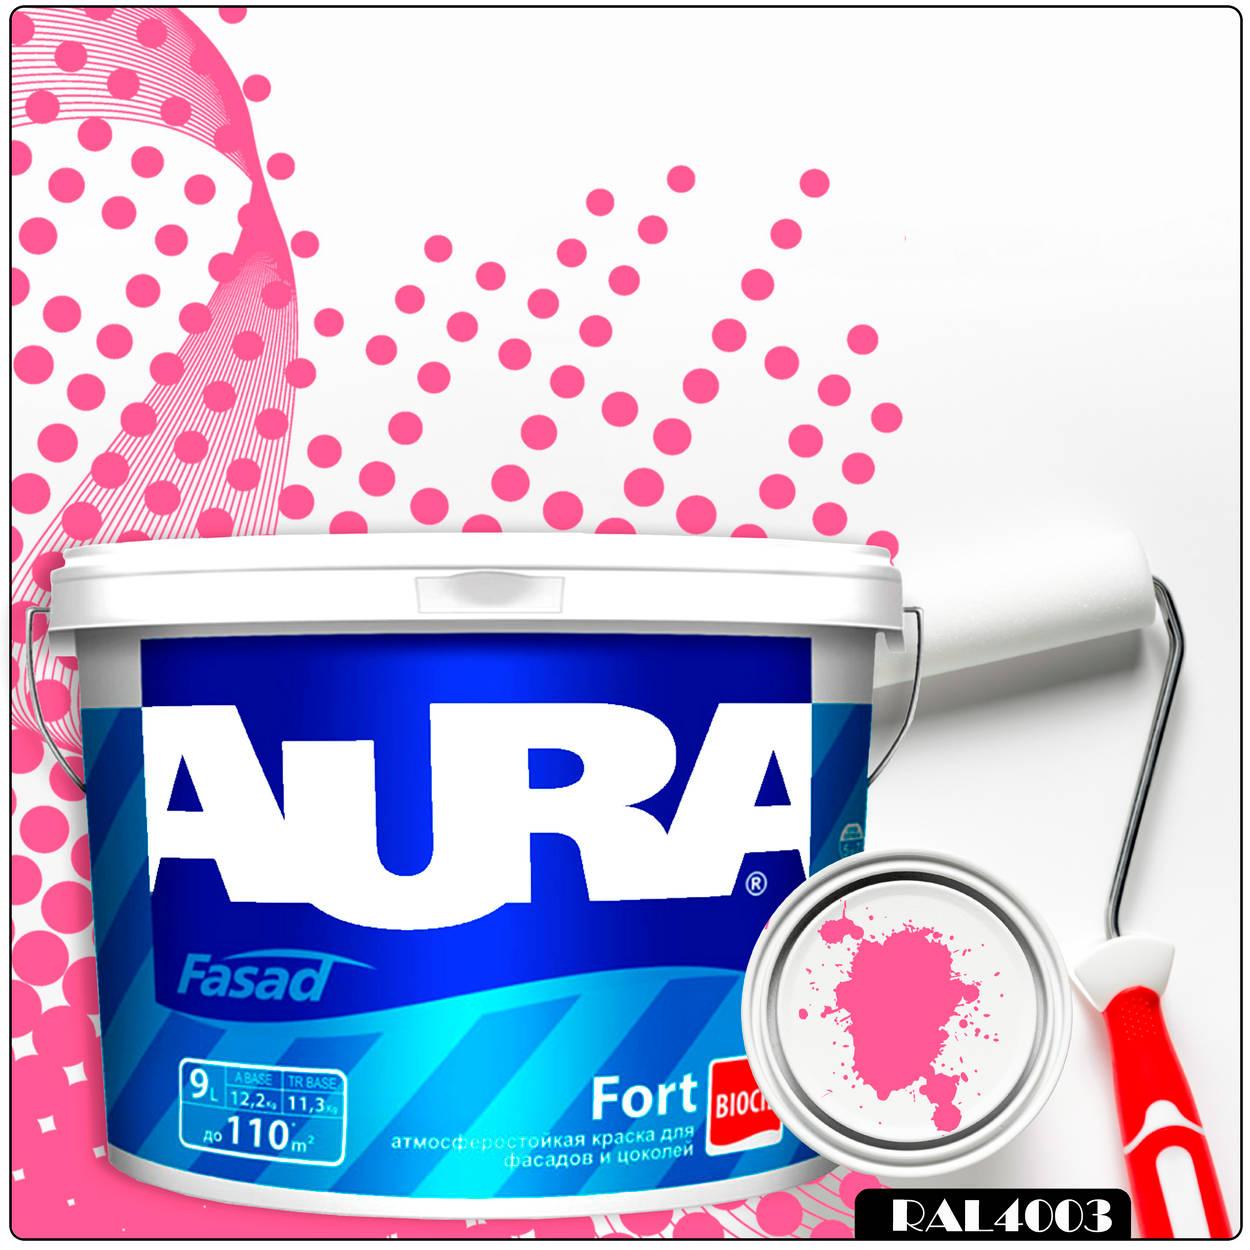 Фото 3 - Краска Aura Fasad Fort, RAL 4003 Вересково-фиолетовый, латексная, матовая, для фасада и цоколей, 9л, Аура.